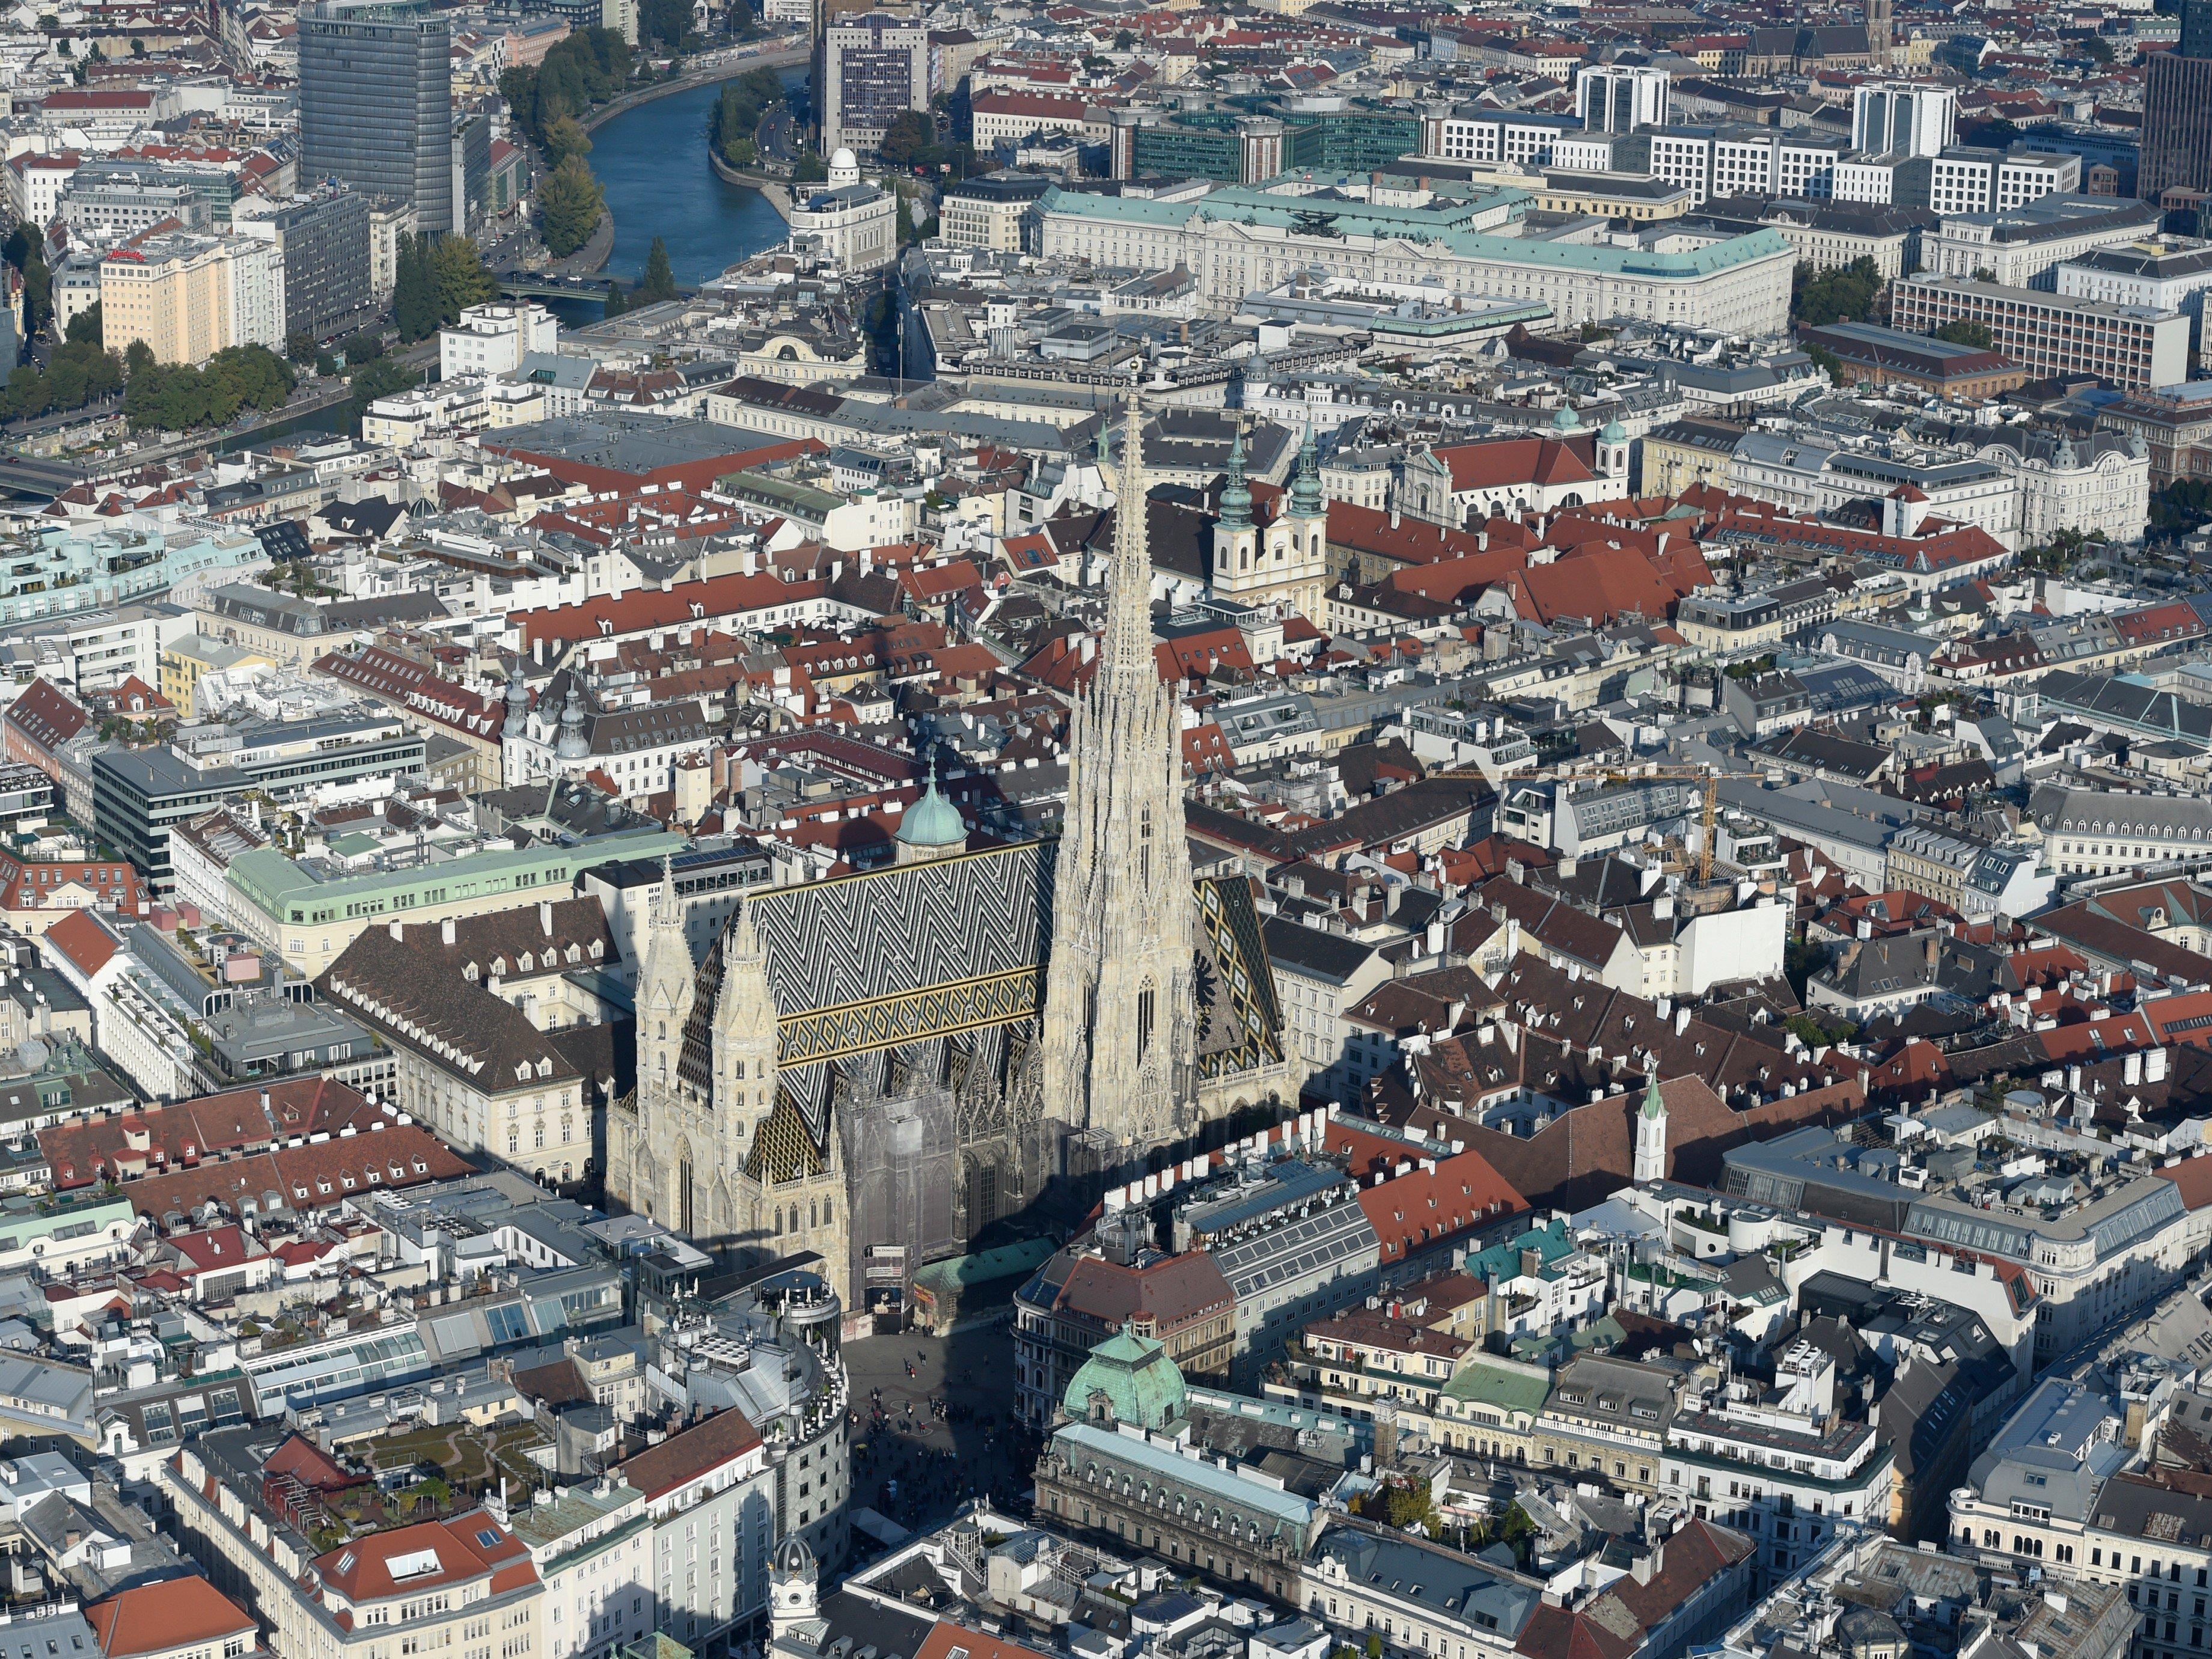 Wien hebt Gebühren für Wasser, Müll und Parken an